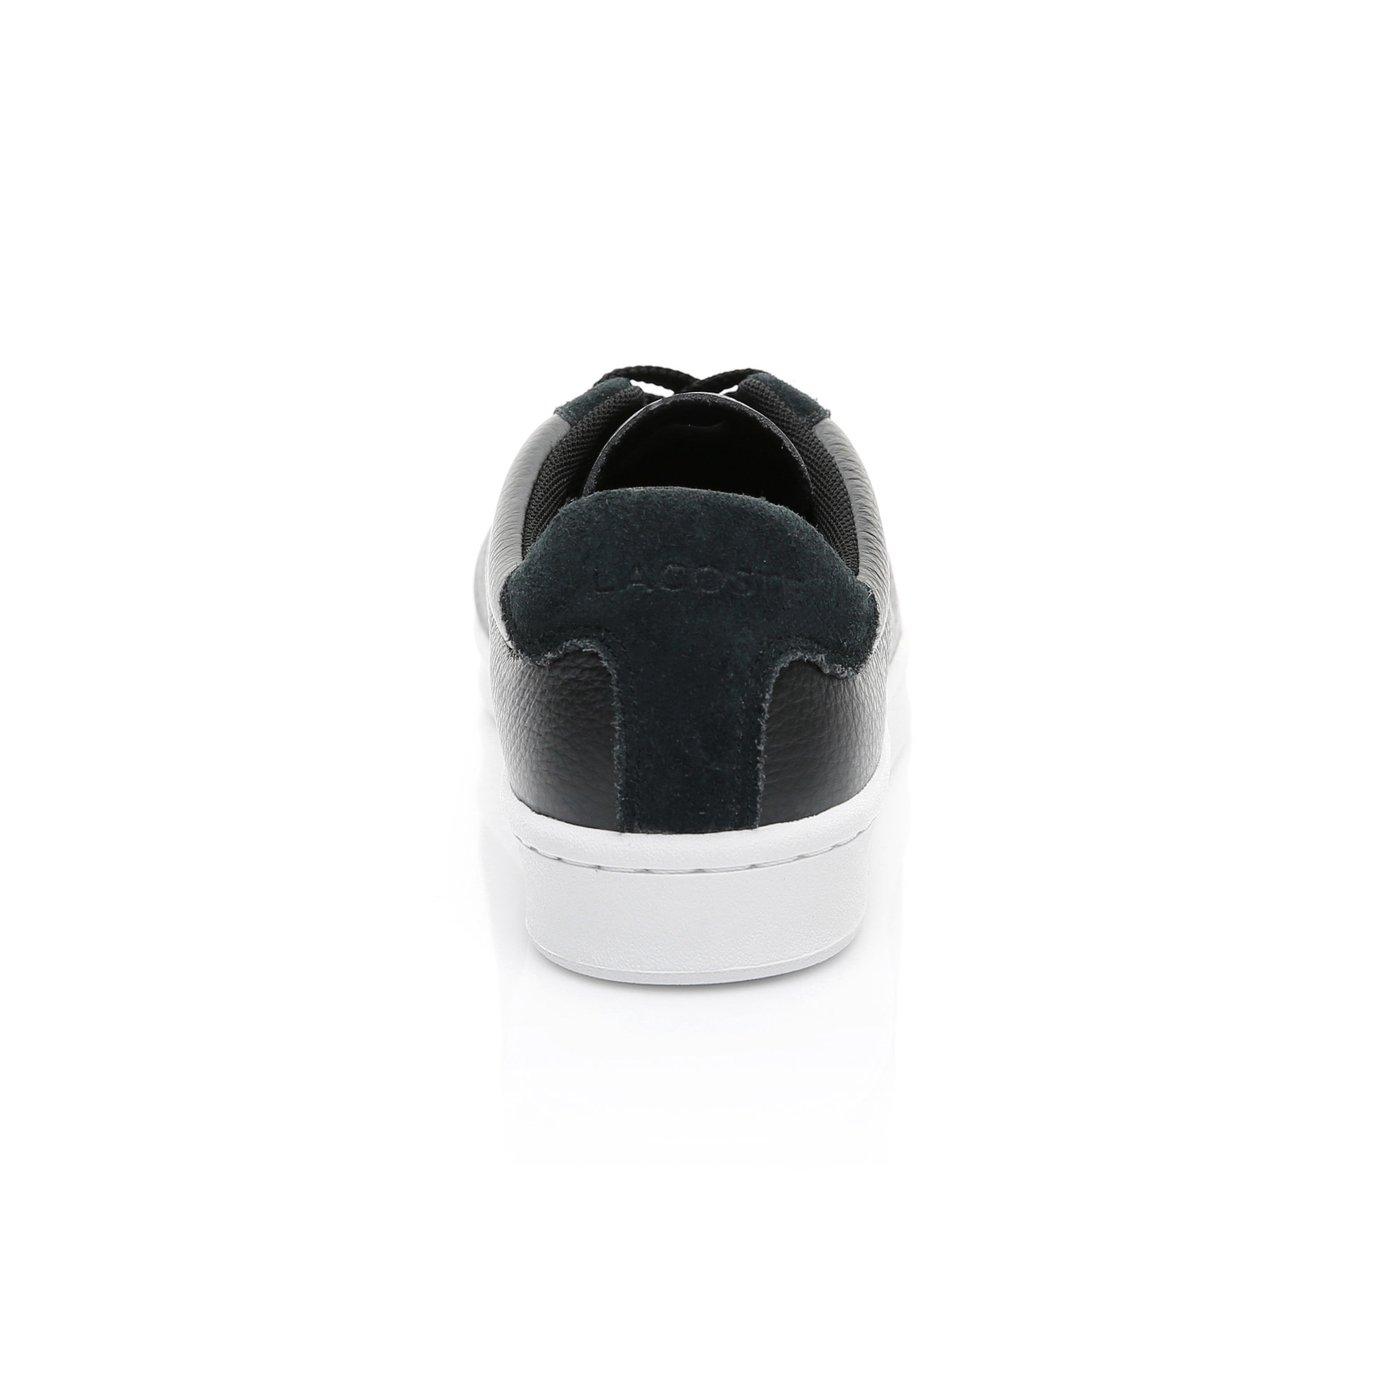 Lacoste Kadın Siyah - Beyaz Masters 119 2 Spor Ayakkabı